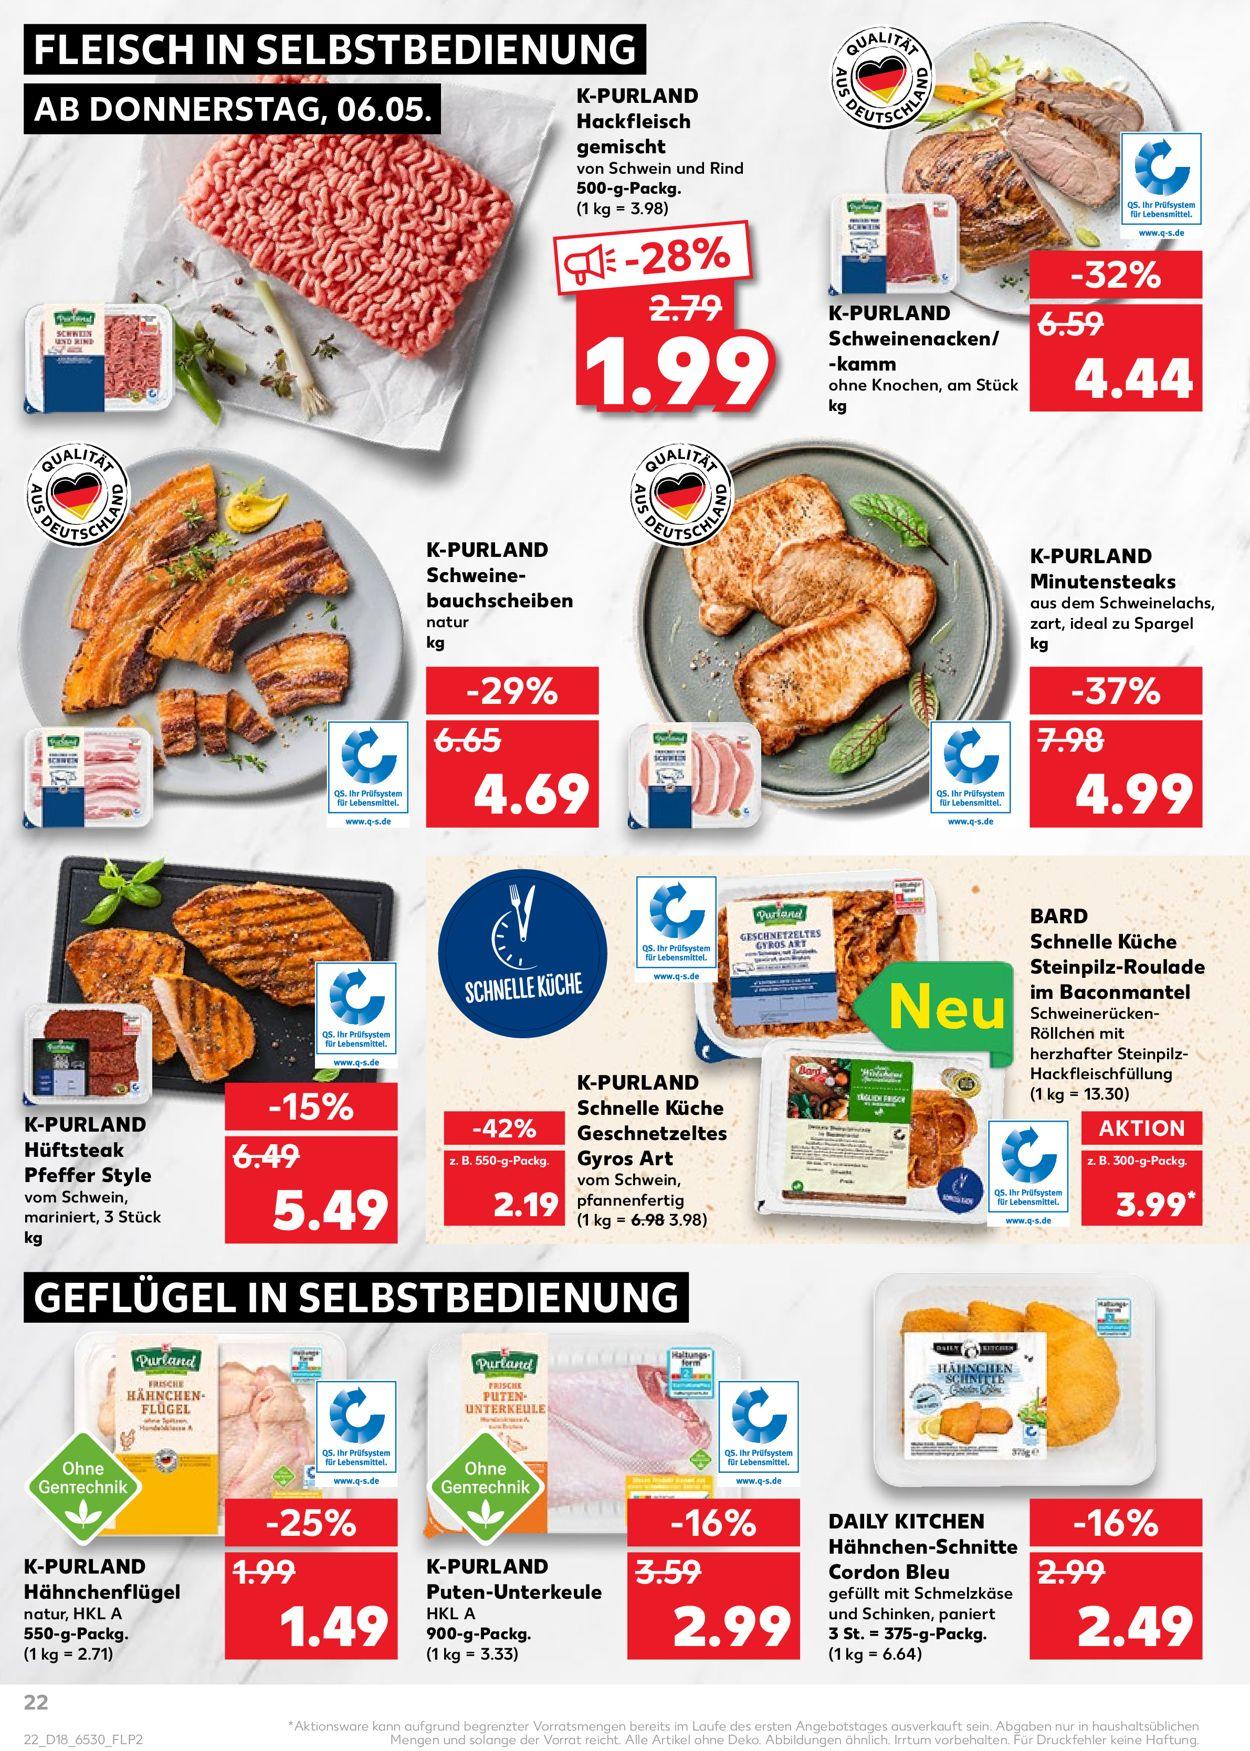 Kaufland Prospekt - Aktuell vom 06.05-12.05.2021 (Seite 22)